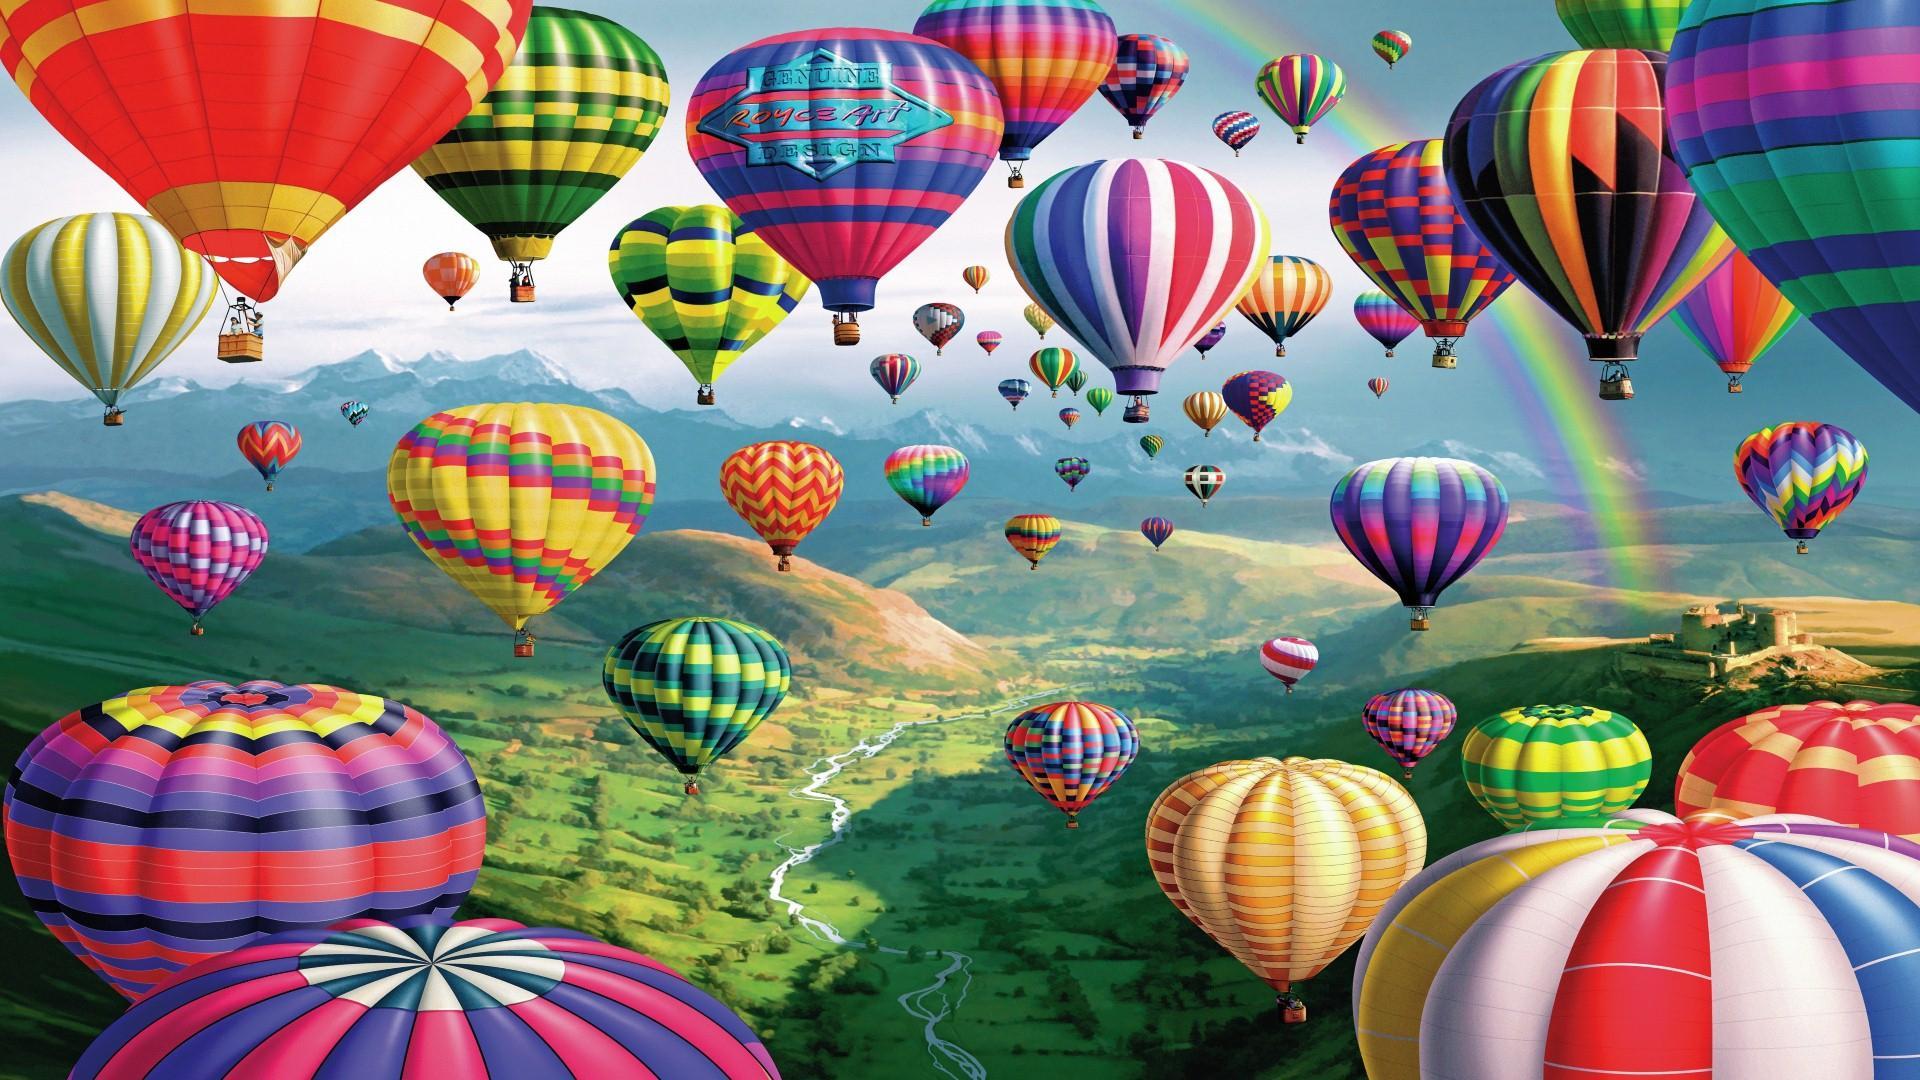 картинки на рабочий стол воздушные шары на весь экран лидер этом